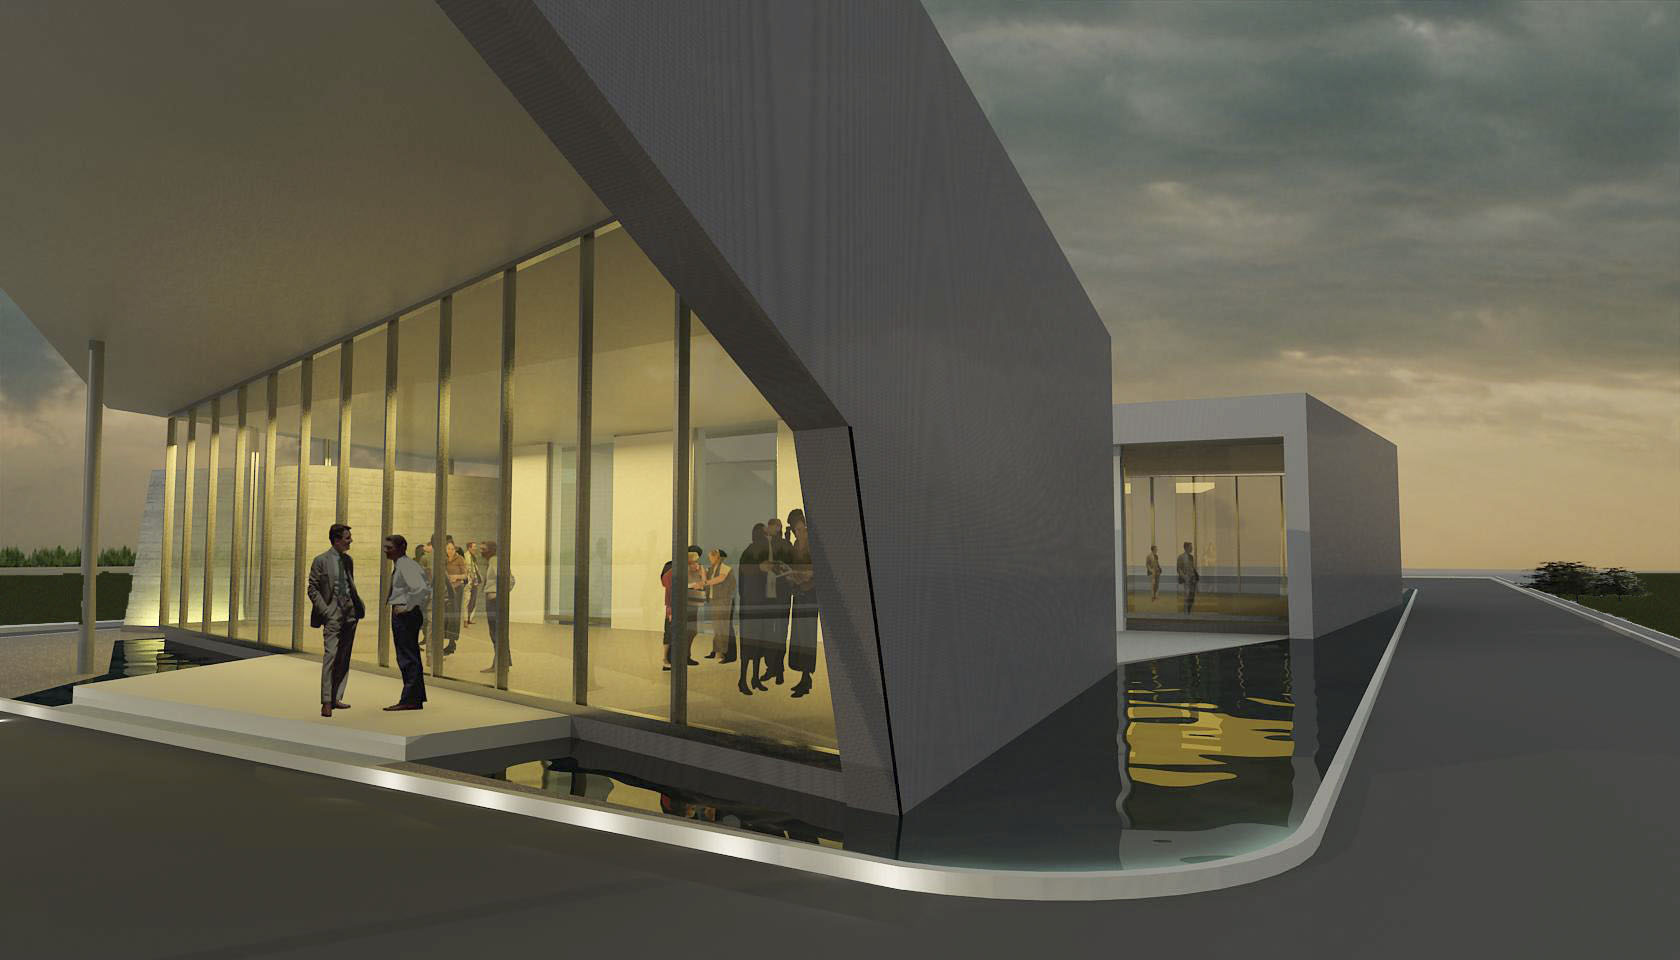 Galerías modernas, edificios sobre agua, diseño de estanques en edificios modernos, frentes vidriados